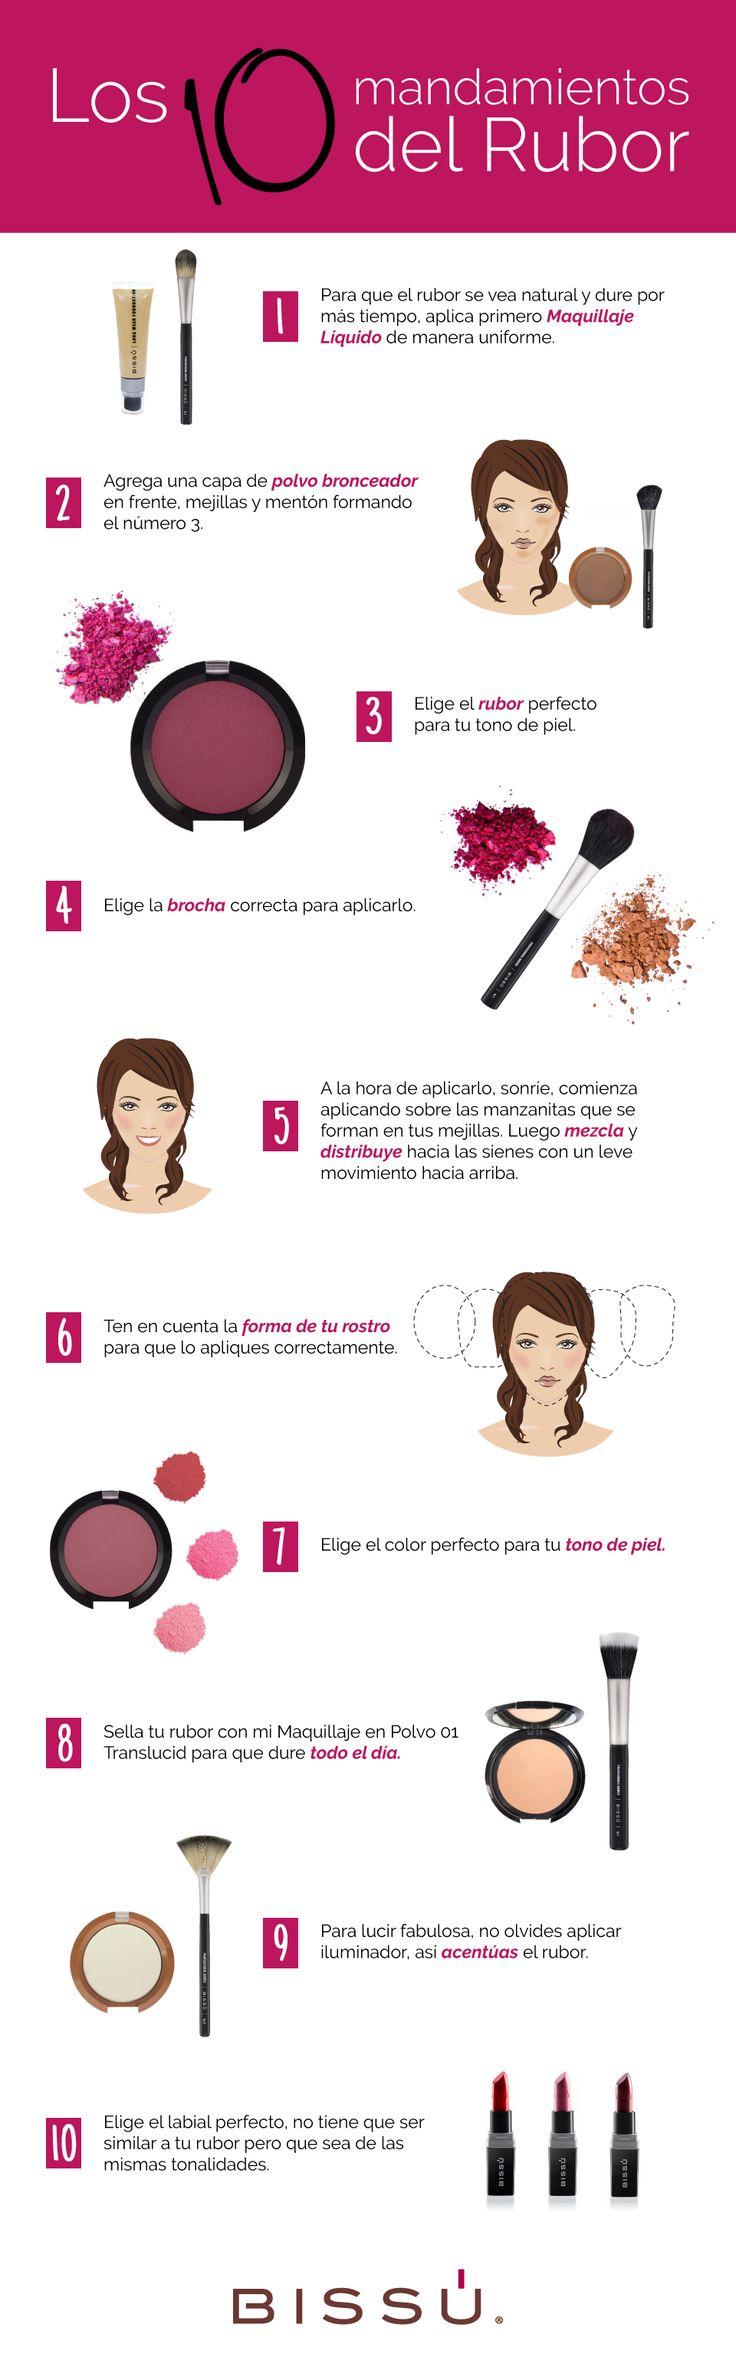 El rubor es un complemento muy importante en tu maquillaje, dale un buen uso y…